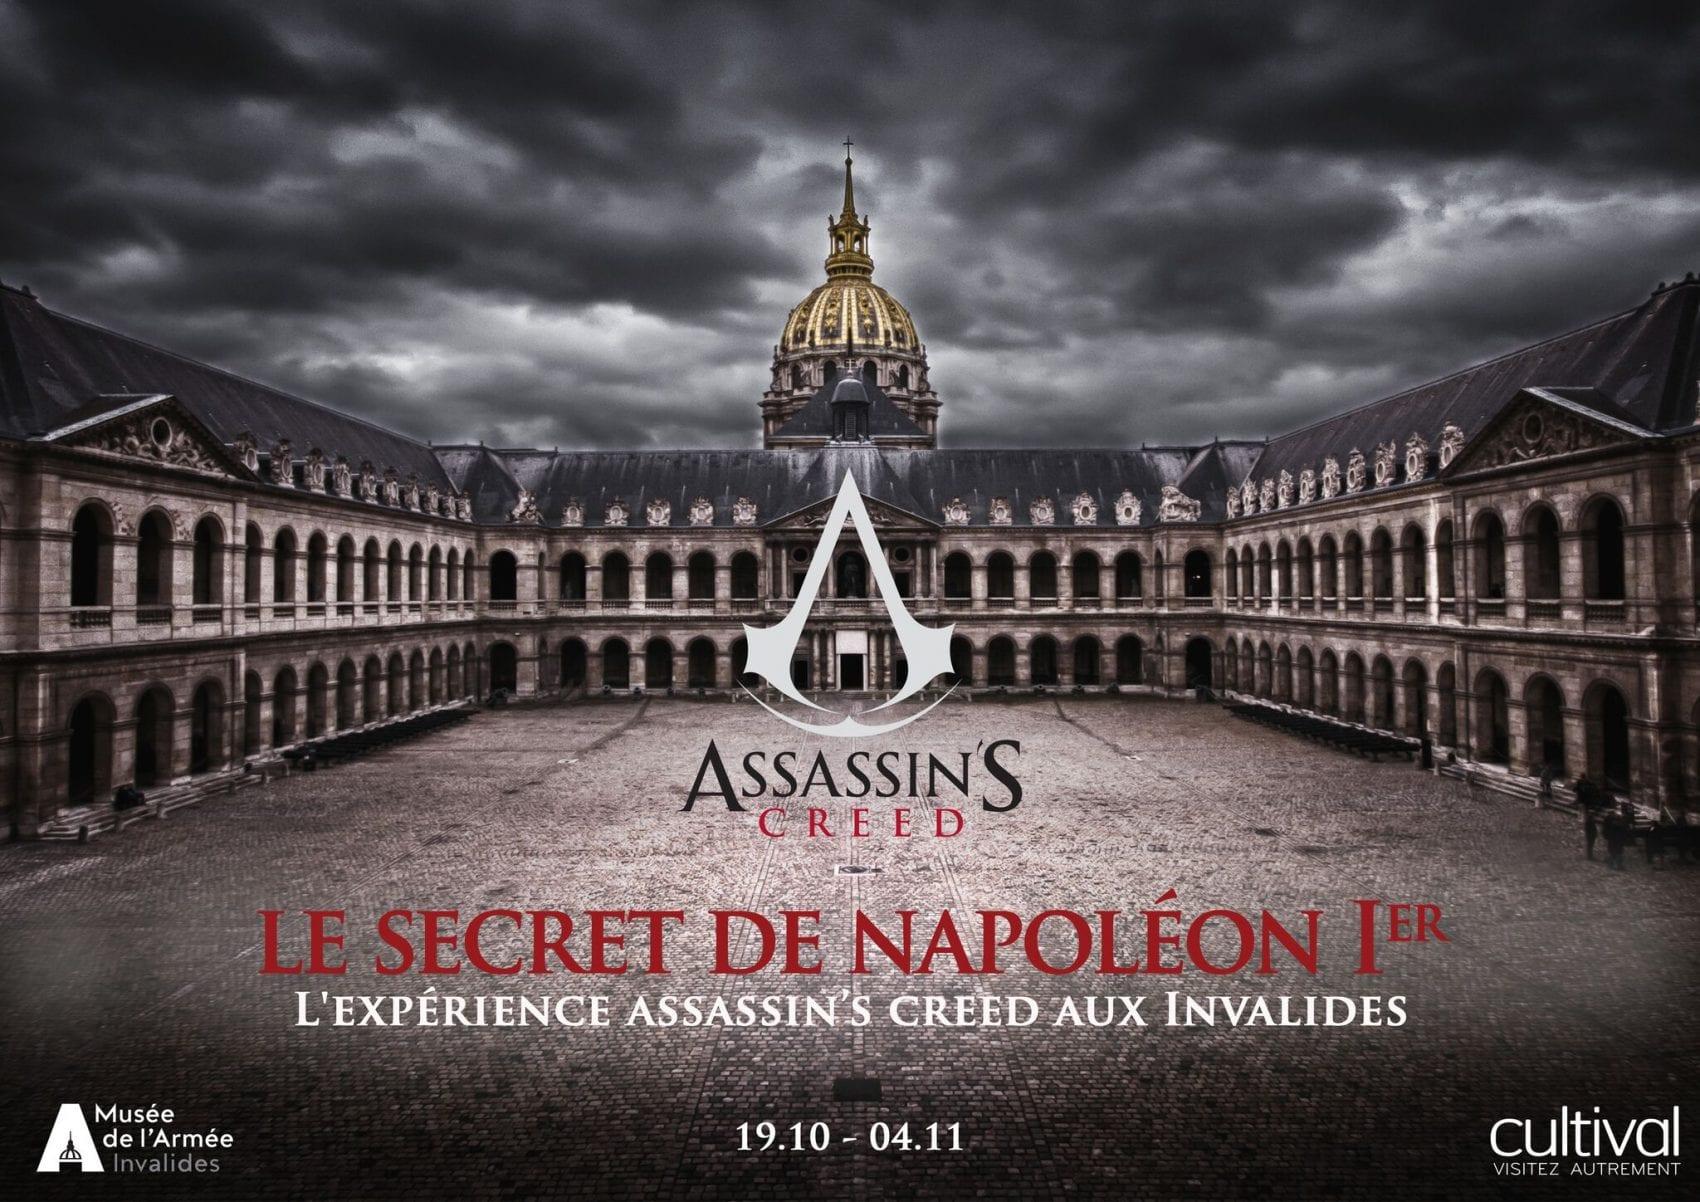 EVENT – L'expérience Assassin's Creed aux Invalides